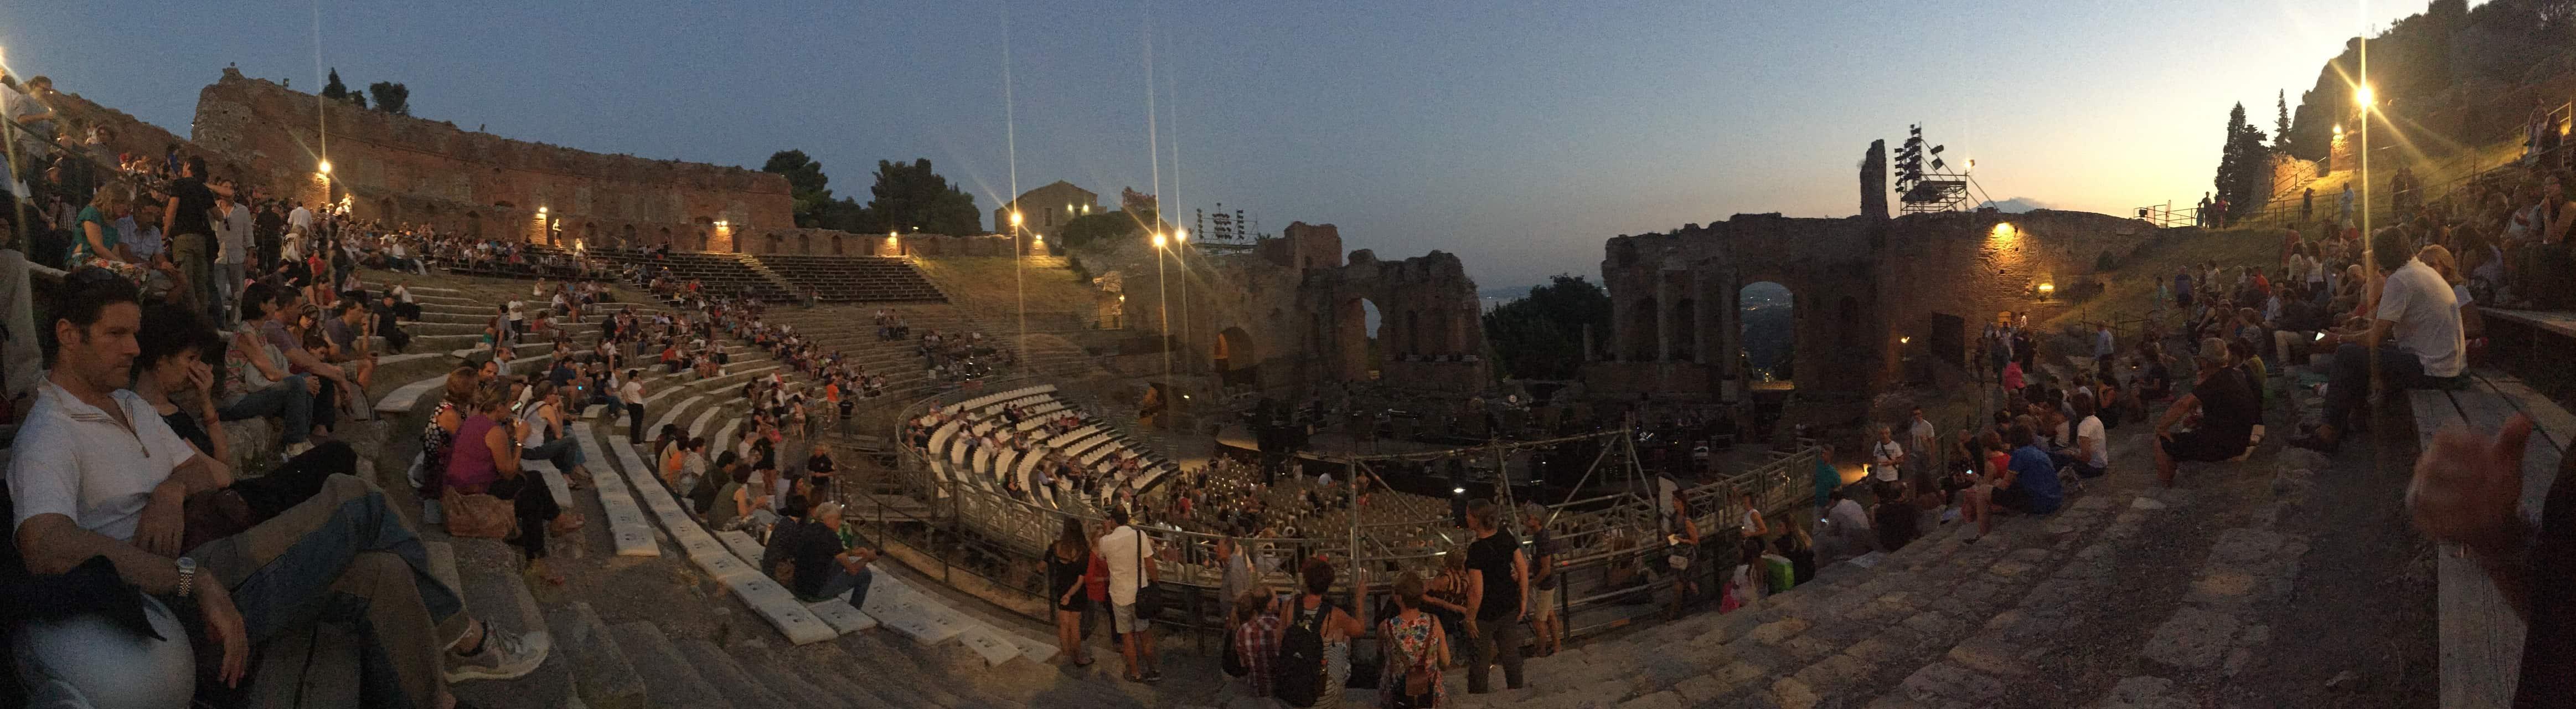 493c87ea5 Nossa única chance de conhecer o Teatro Grego era entrar nele por  intermédio de algum evento, já que todas as noites havia um e durante o dia  ~não tinha ...